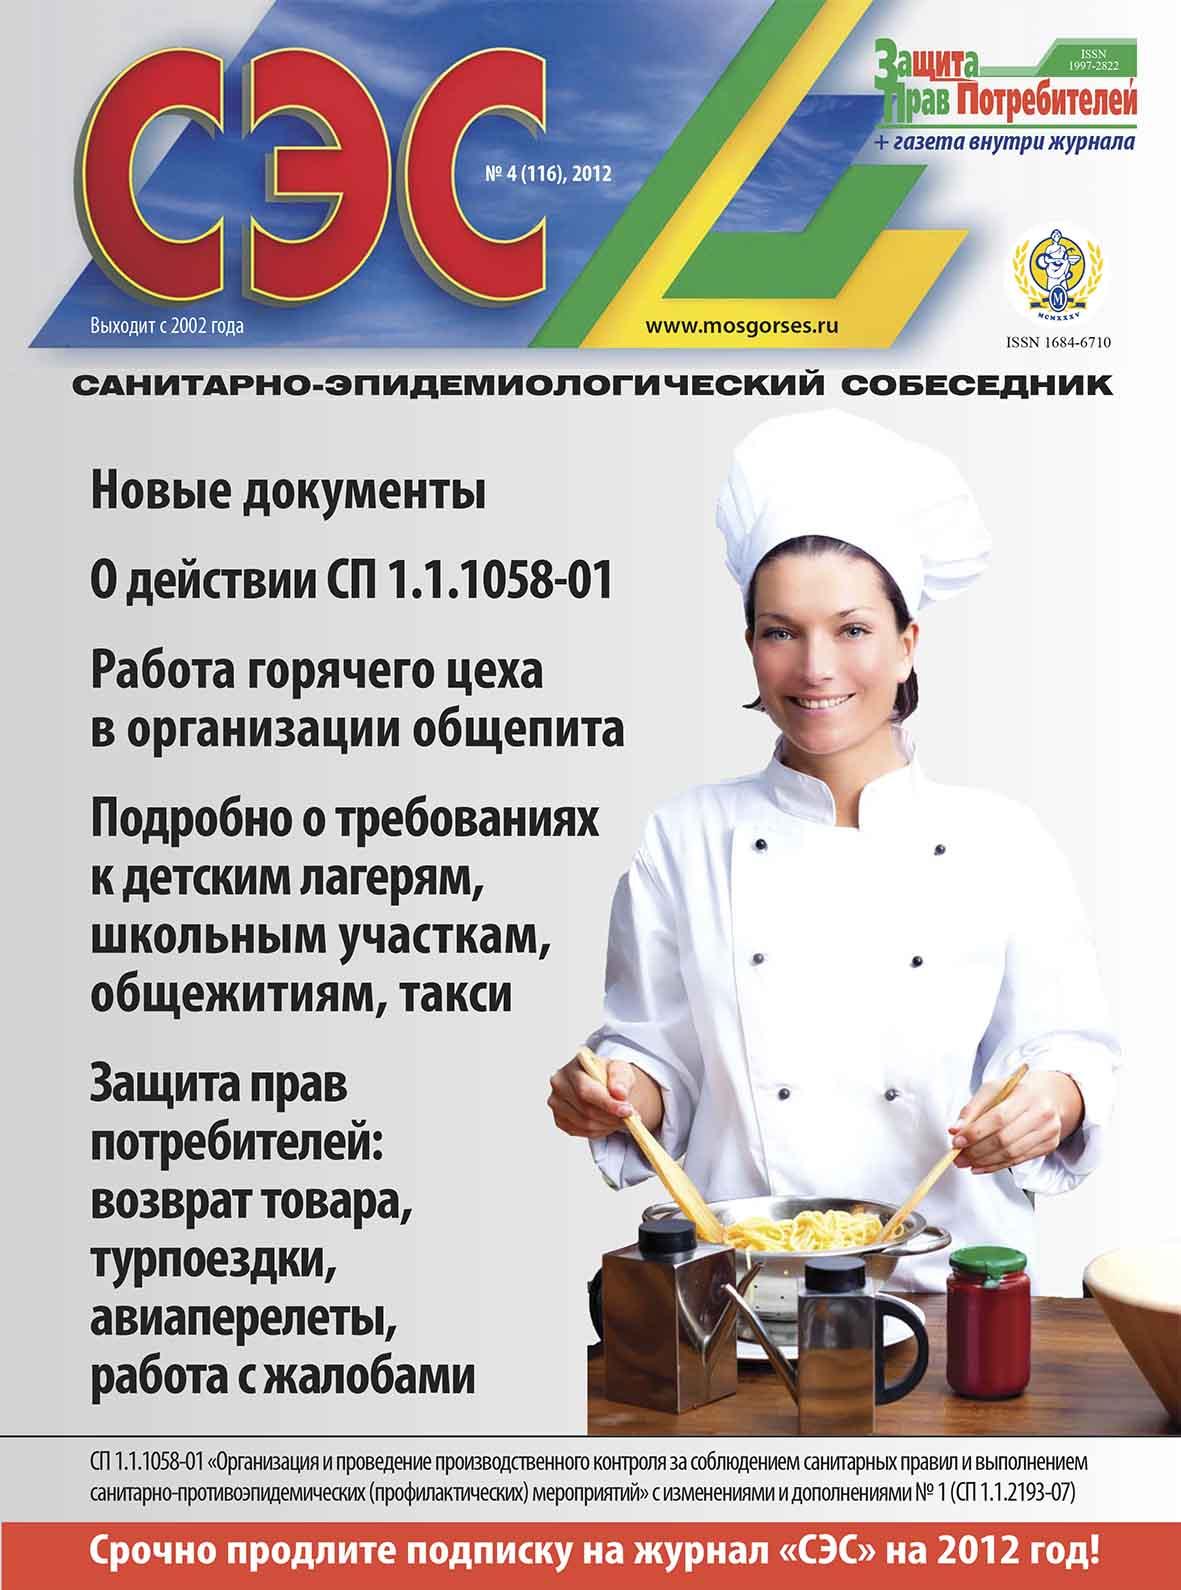 Журнал СЭС №4 2012 год